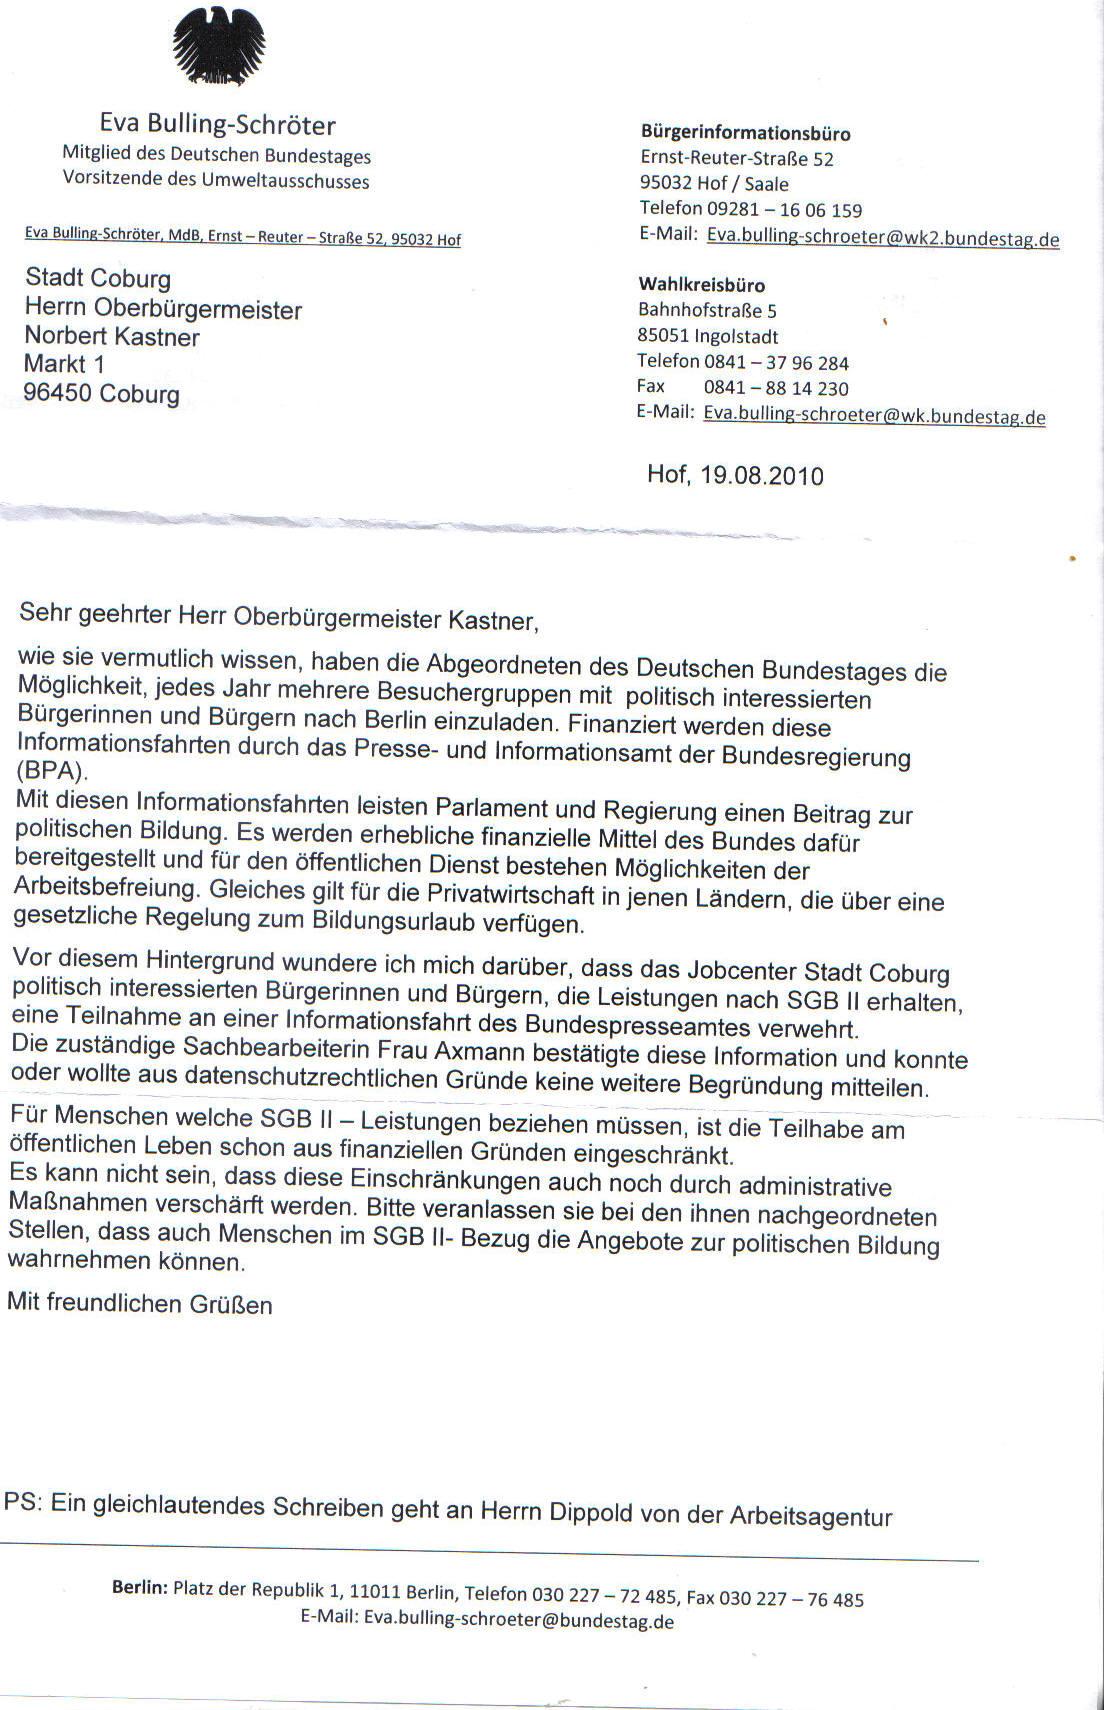 Brief Schreiben Fur Einladung – usertask.co